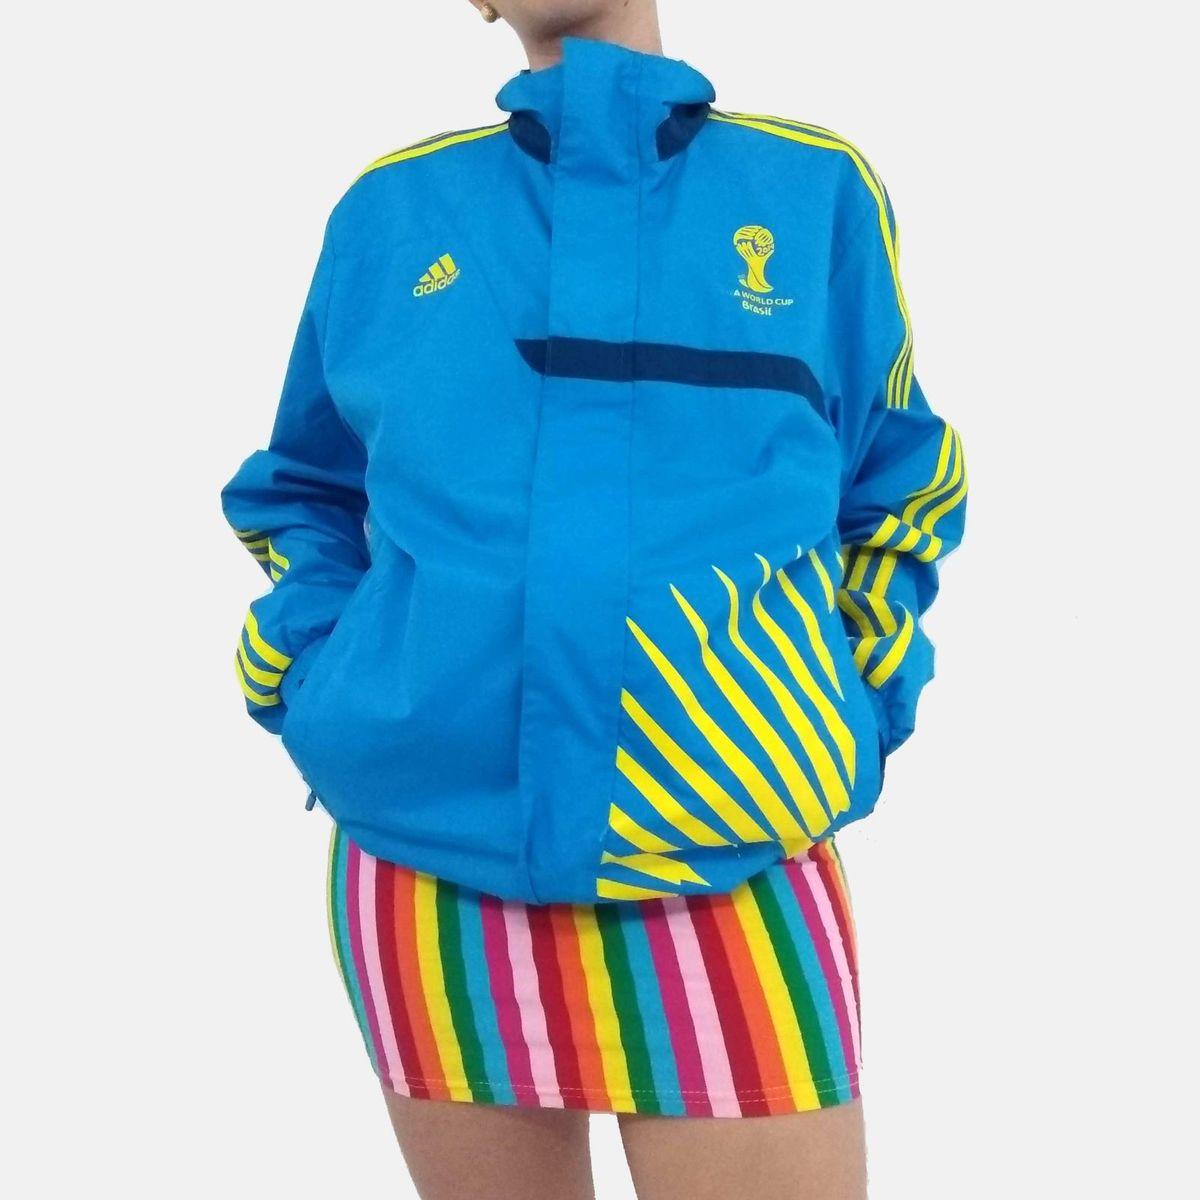 jaqueta voluntário fifa 2014 - casaquinhos adidas